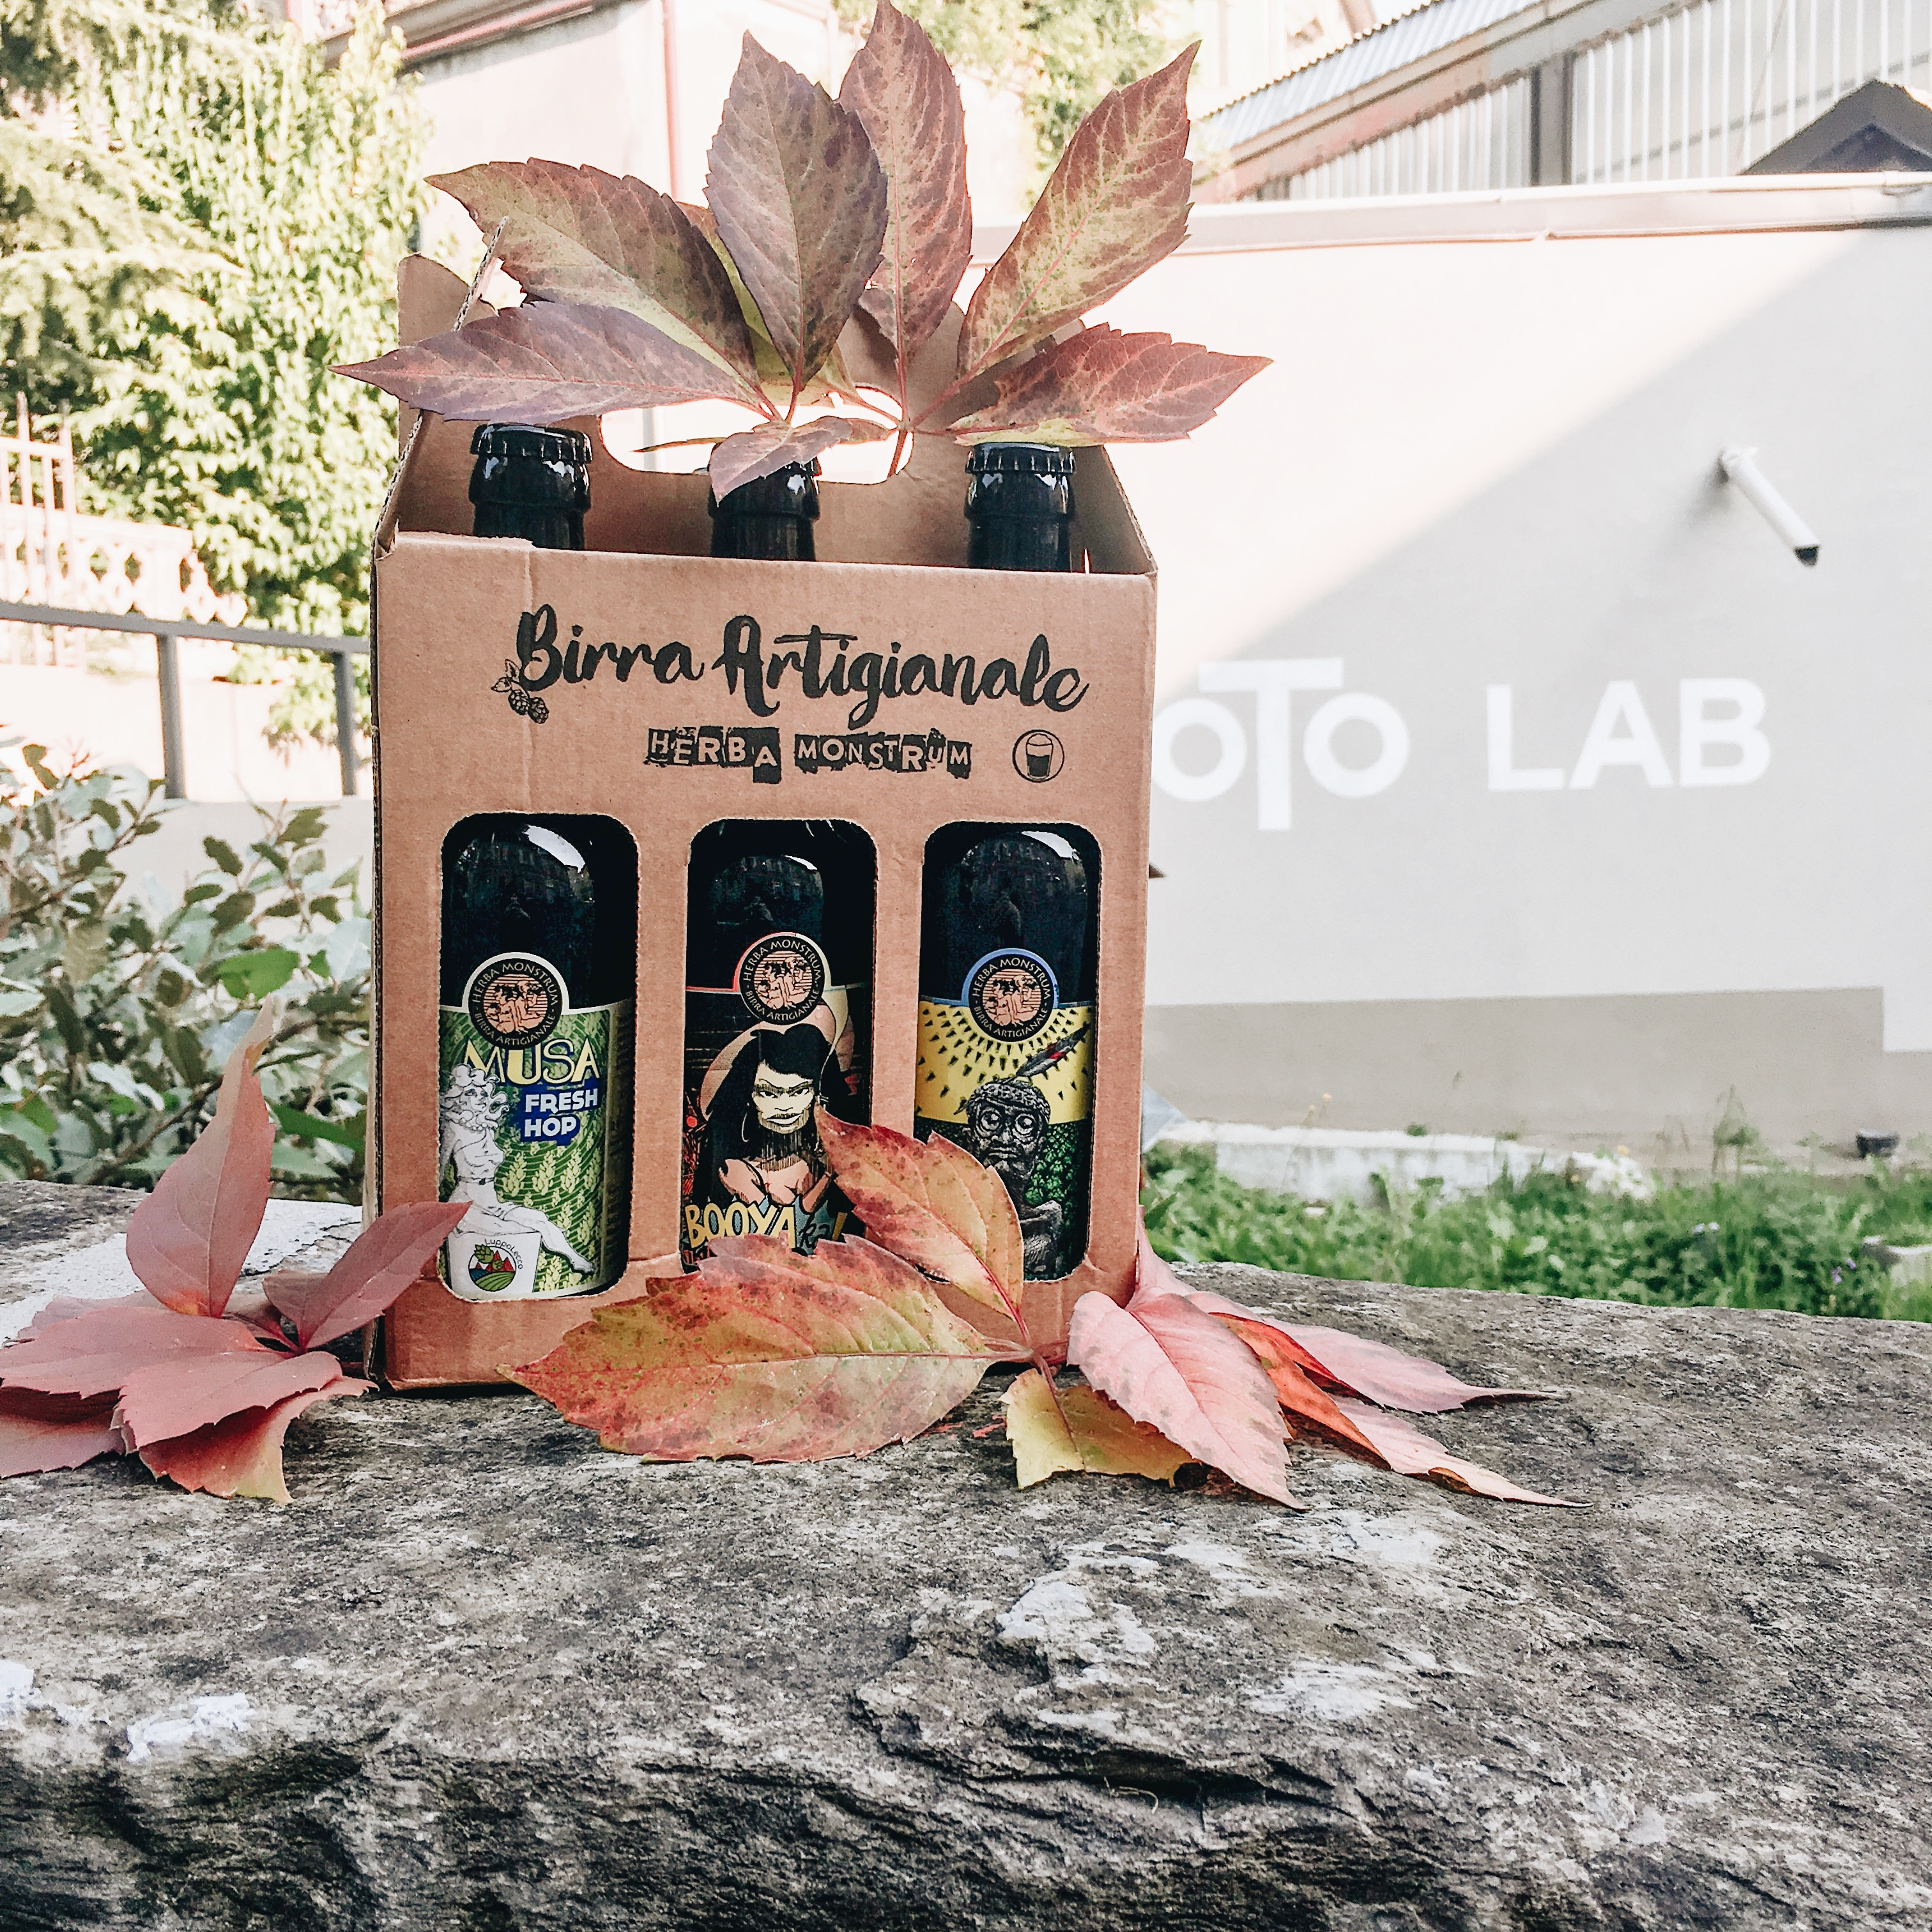 Domenica 20 ottobre 2019 FAL LAB, Oto Lab. Herba Monstrum, birre artigianali alla spina.